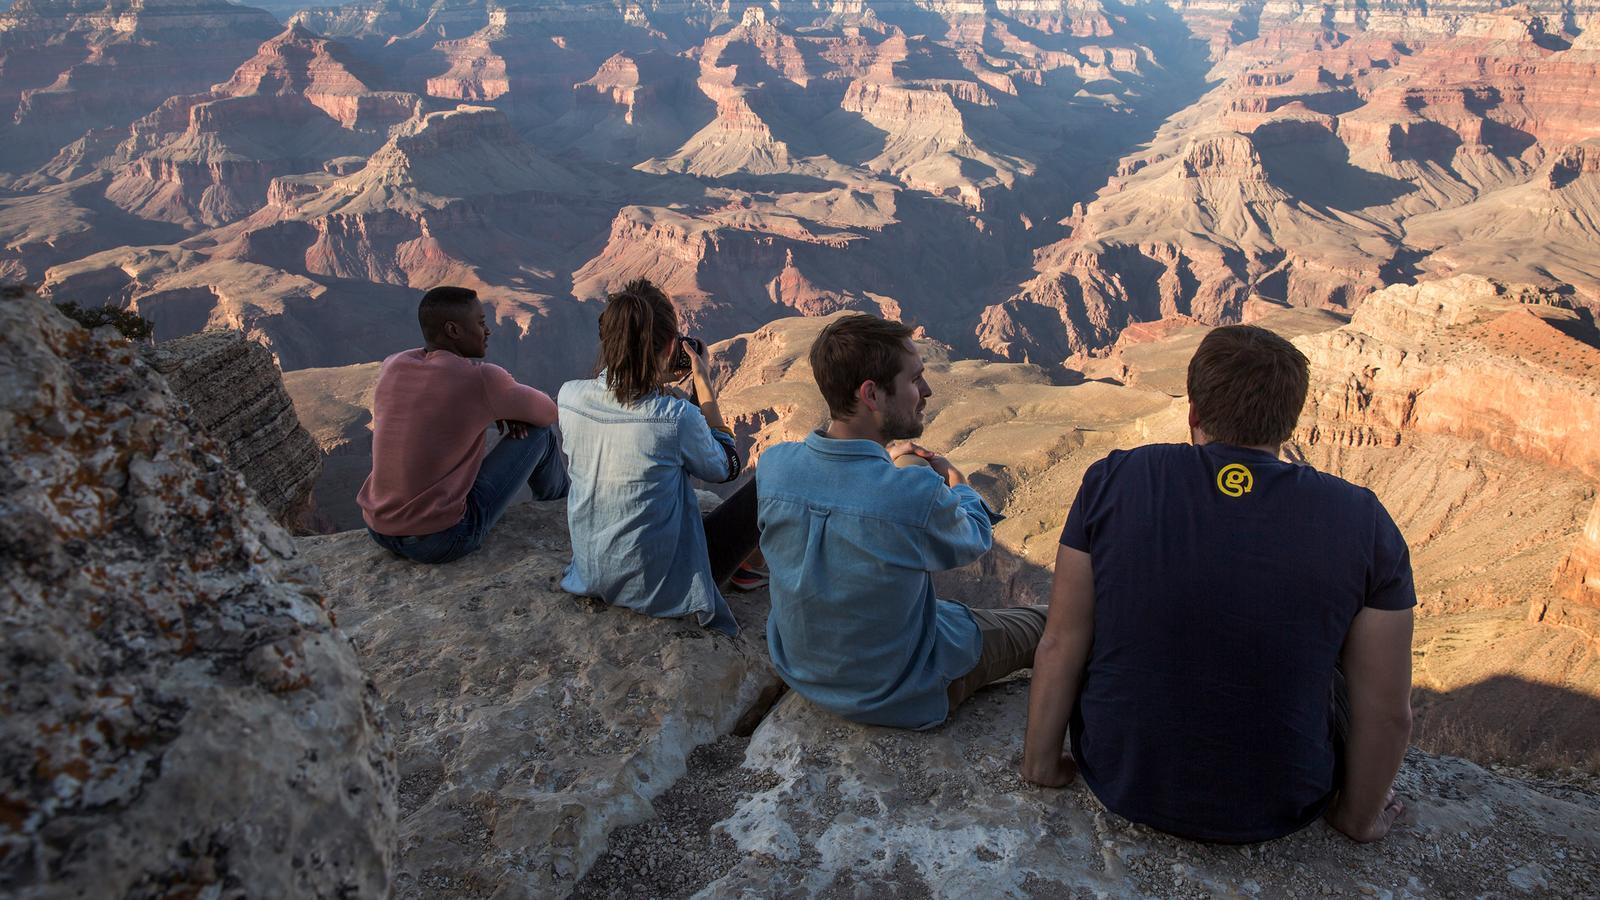 USA Camping Reisen für junge Leute in der Gruppe preiwert traveljunkies